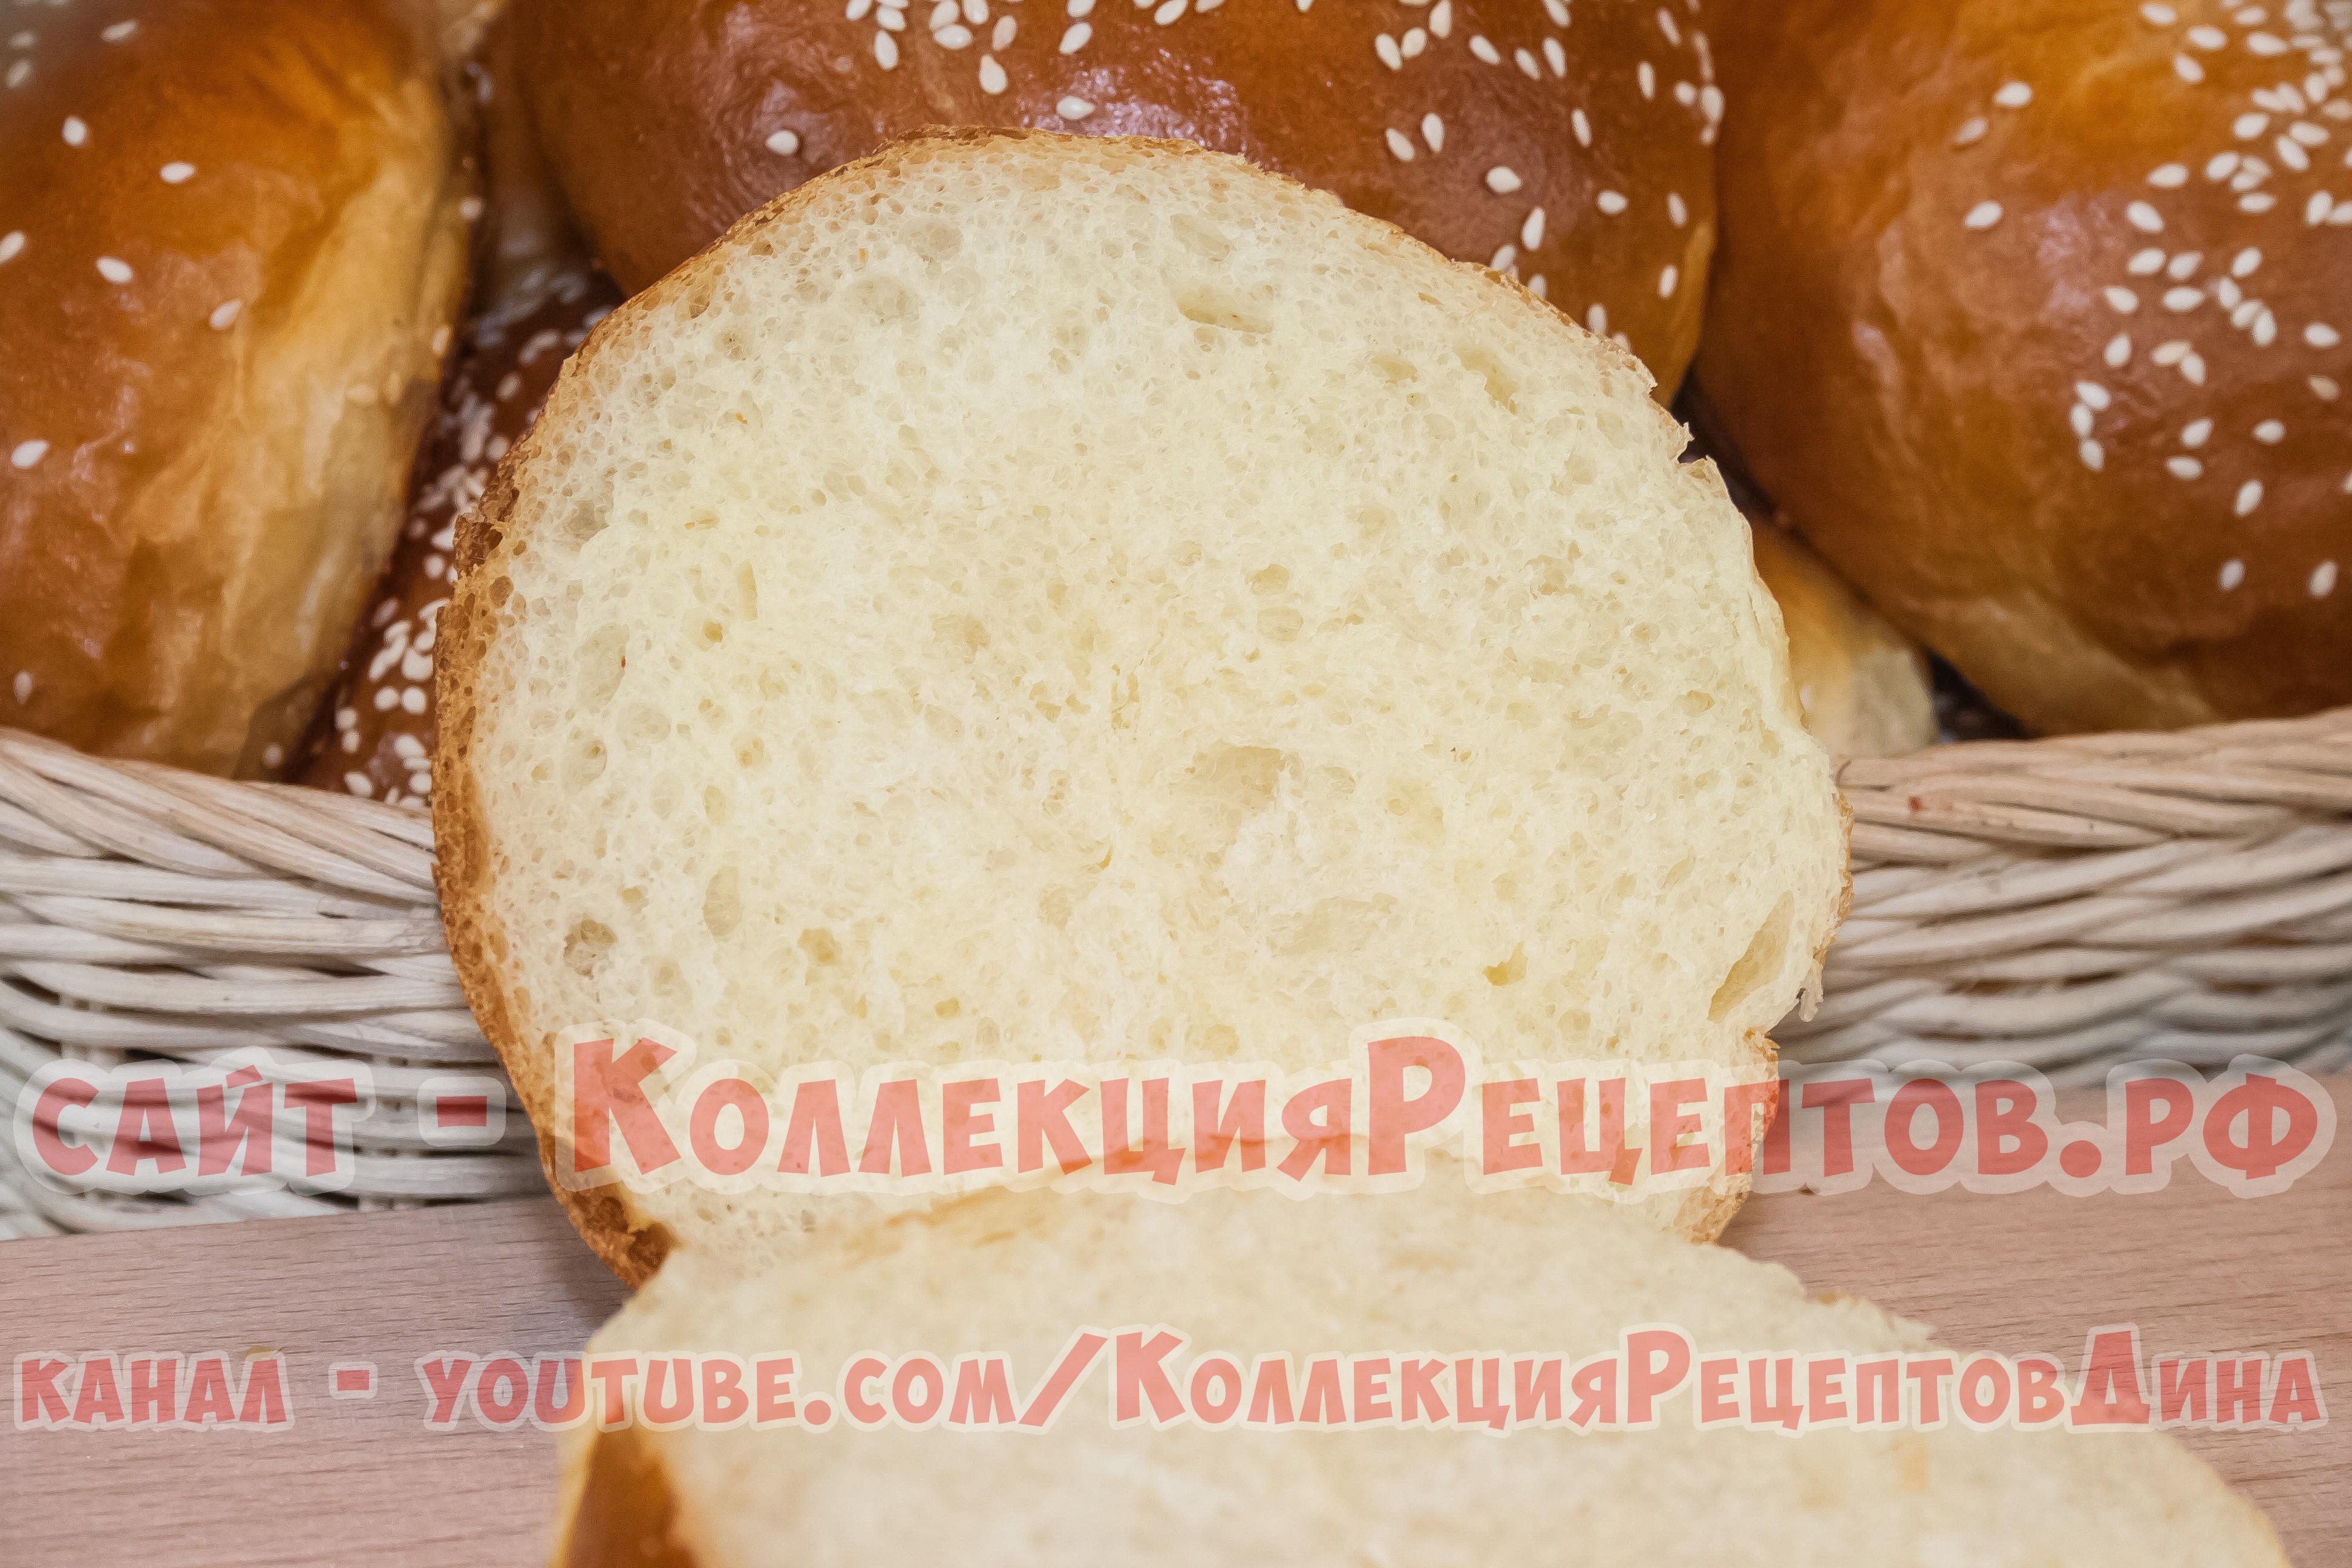 Пошаговый фото рецепт булочек для гамбургеров